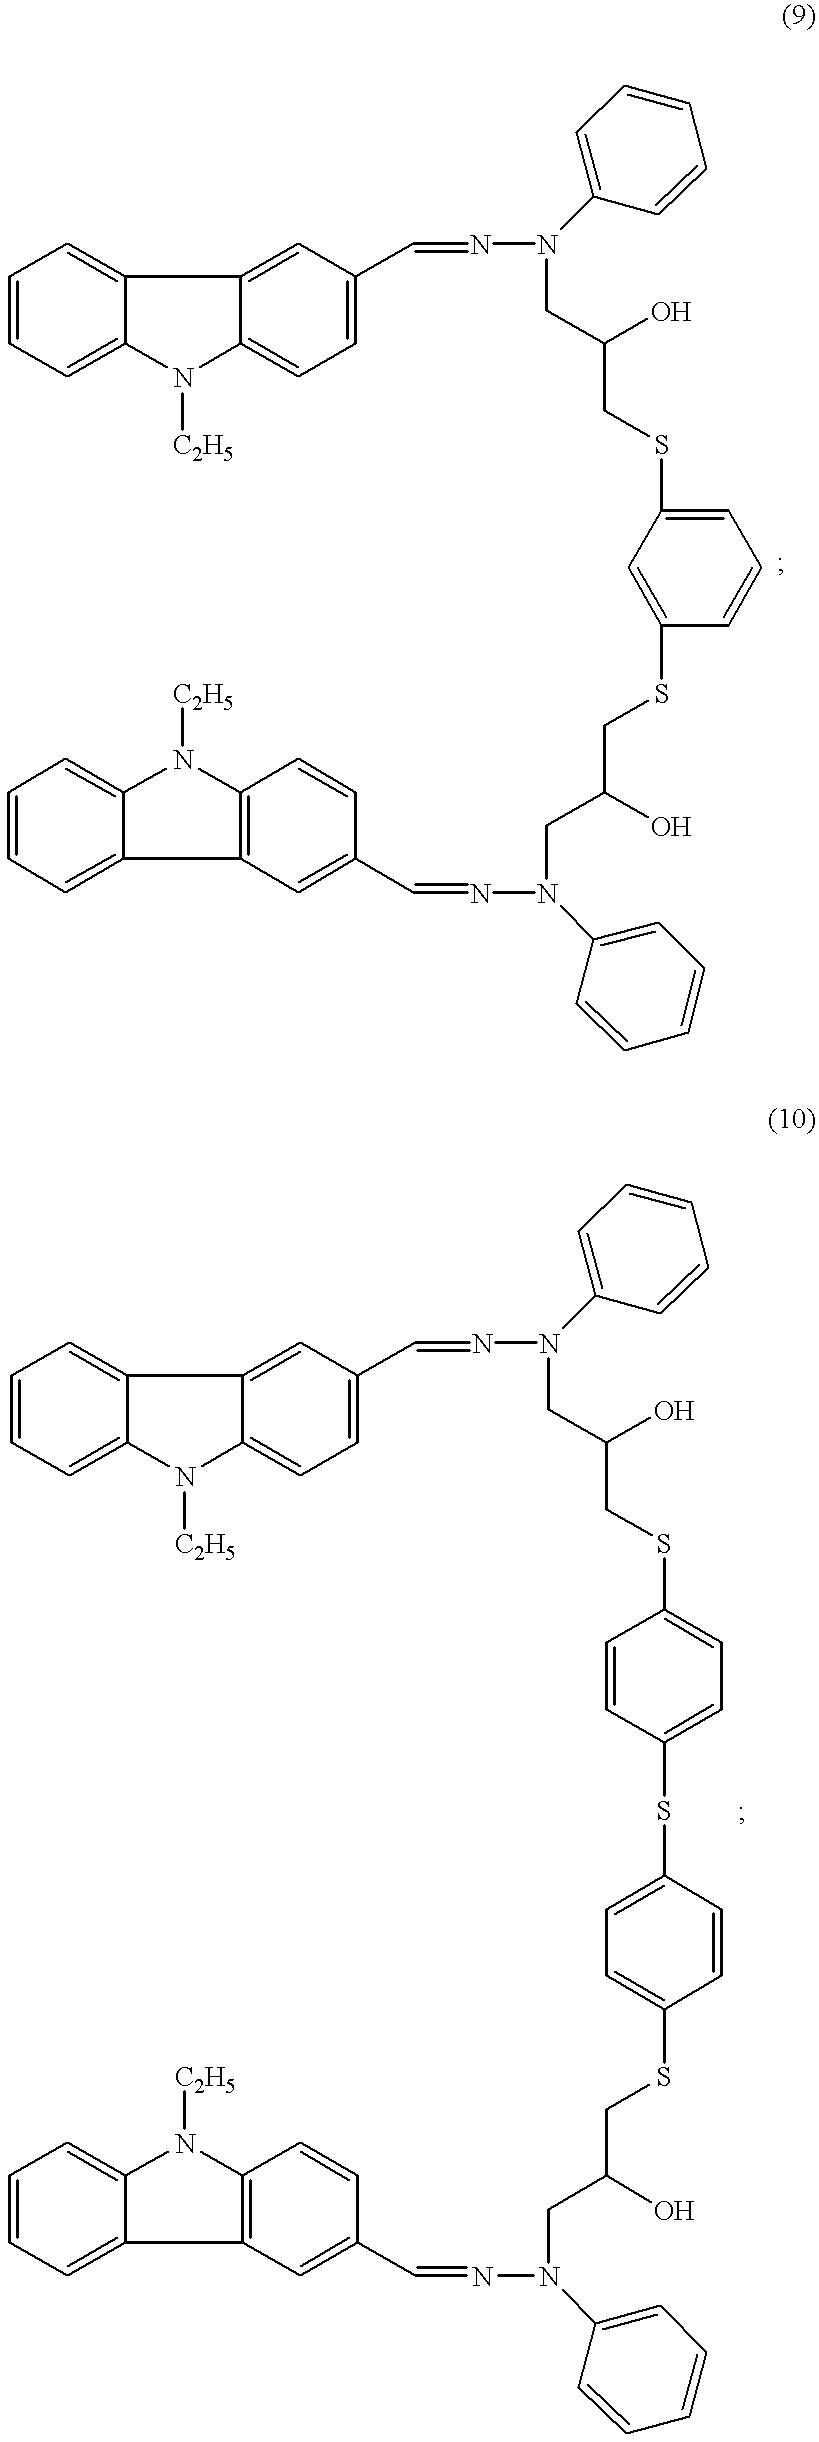 Figure US06214503-20010410-C00034